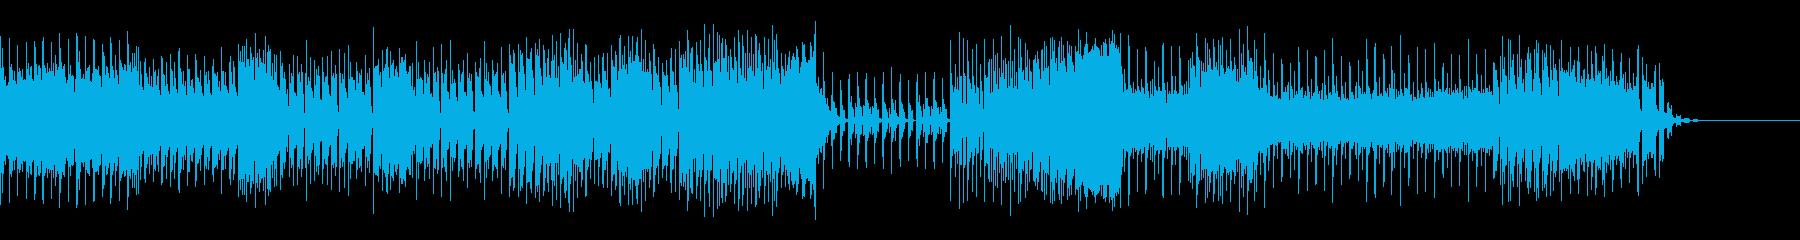 シリアスなシーンに合うダンスミュージックの再生済みの波形